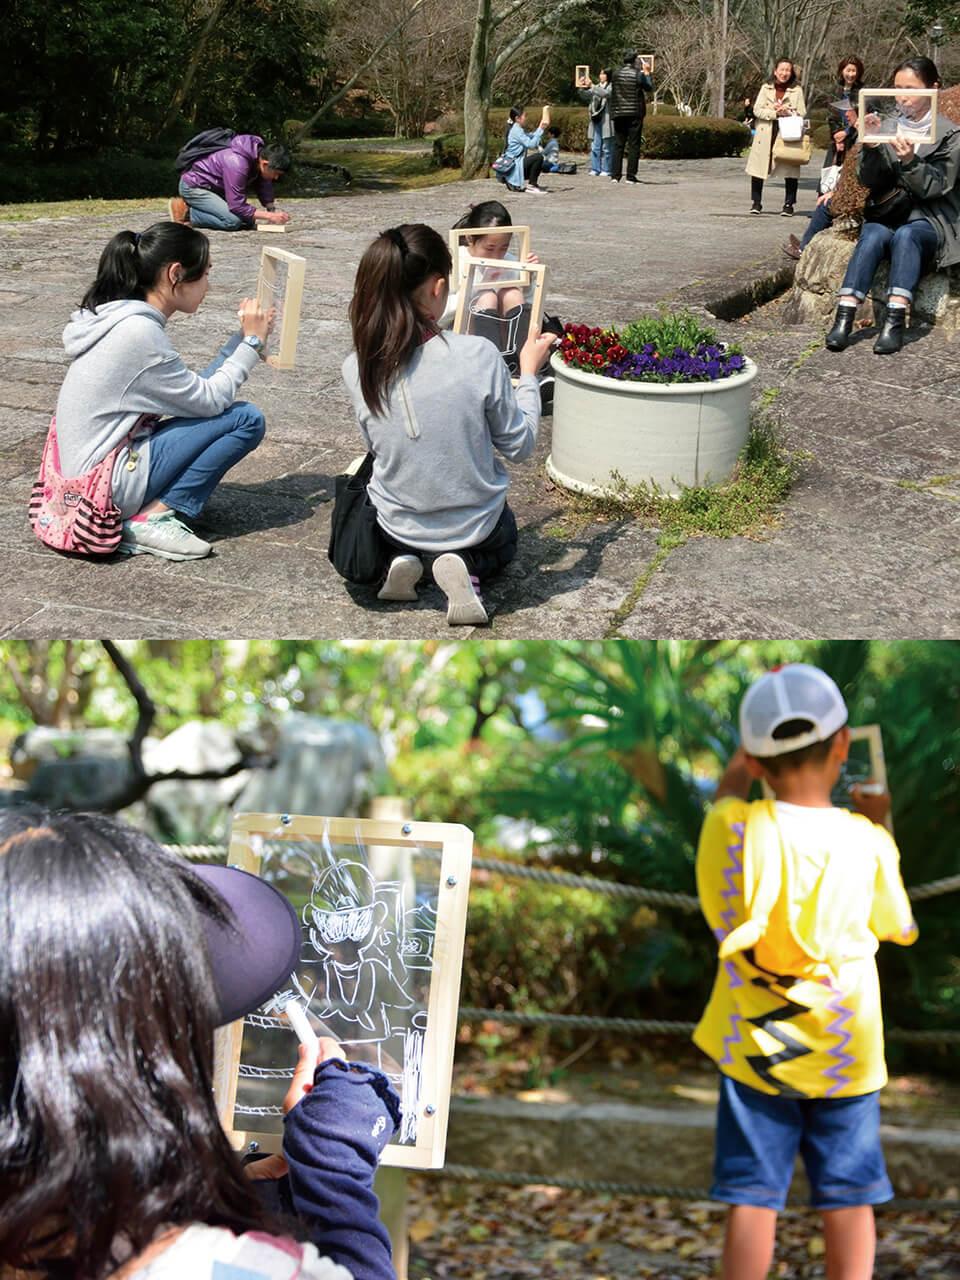 「コチラとムコウ」<br /> 持ち運べるオリジナル小窓を使い、風景を写し描くワークショップ<br /> [上]2017/滋賀県立近代美術館[クロージングイベント]<br /> [下]2018/茨木市役所/大阪[茨木こども芸術文化講座]